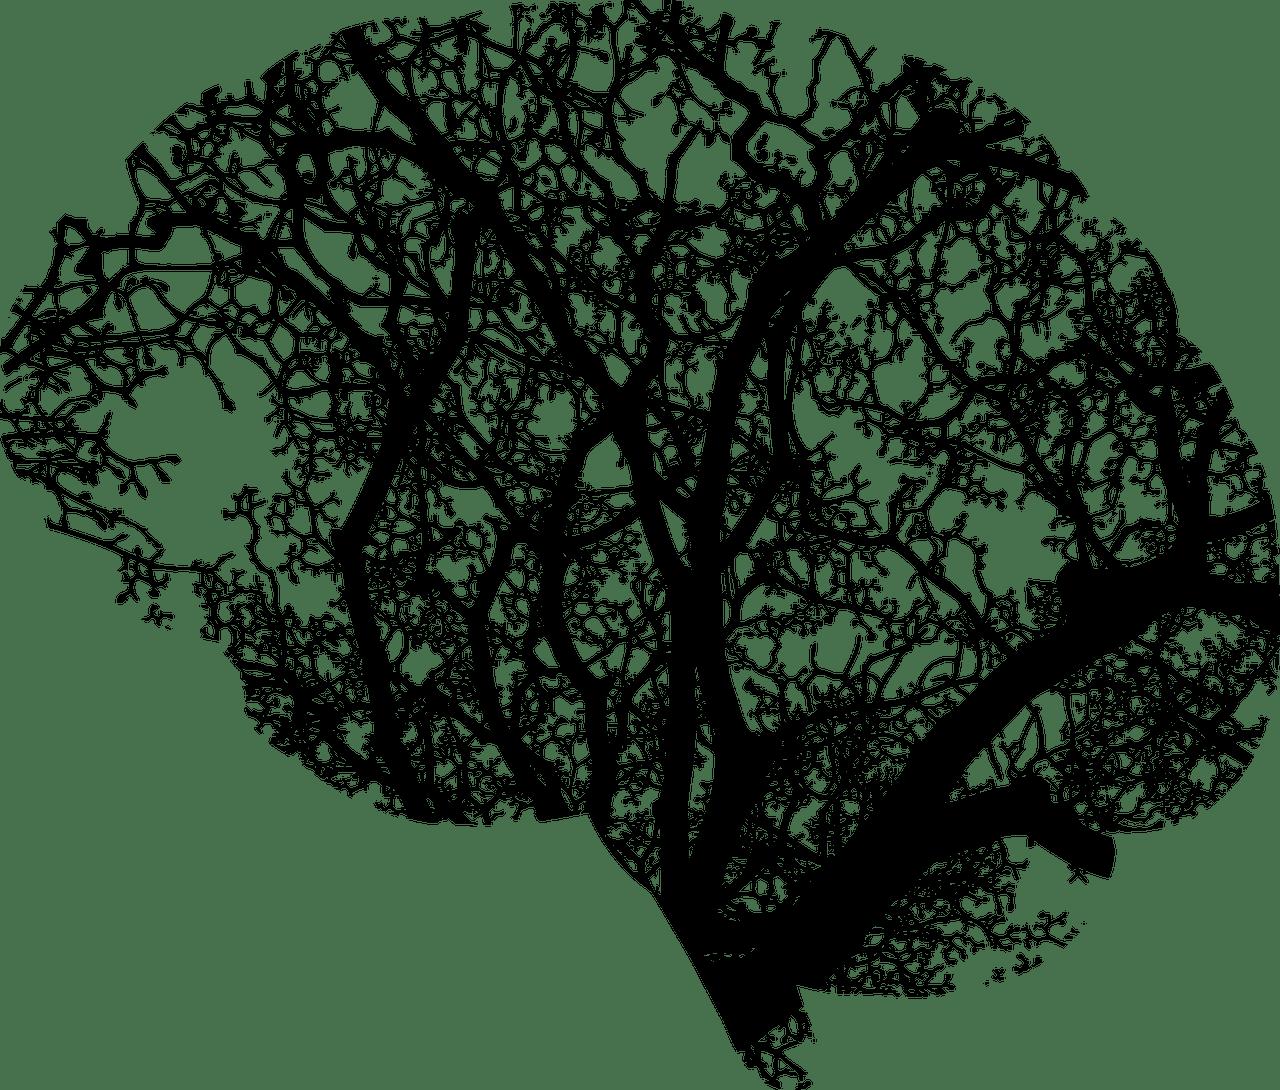 Las representaciones mentales